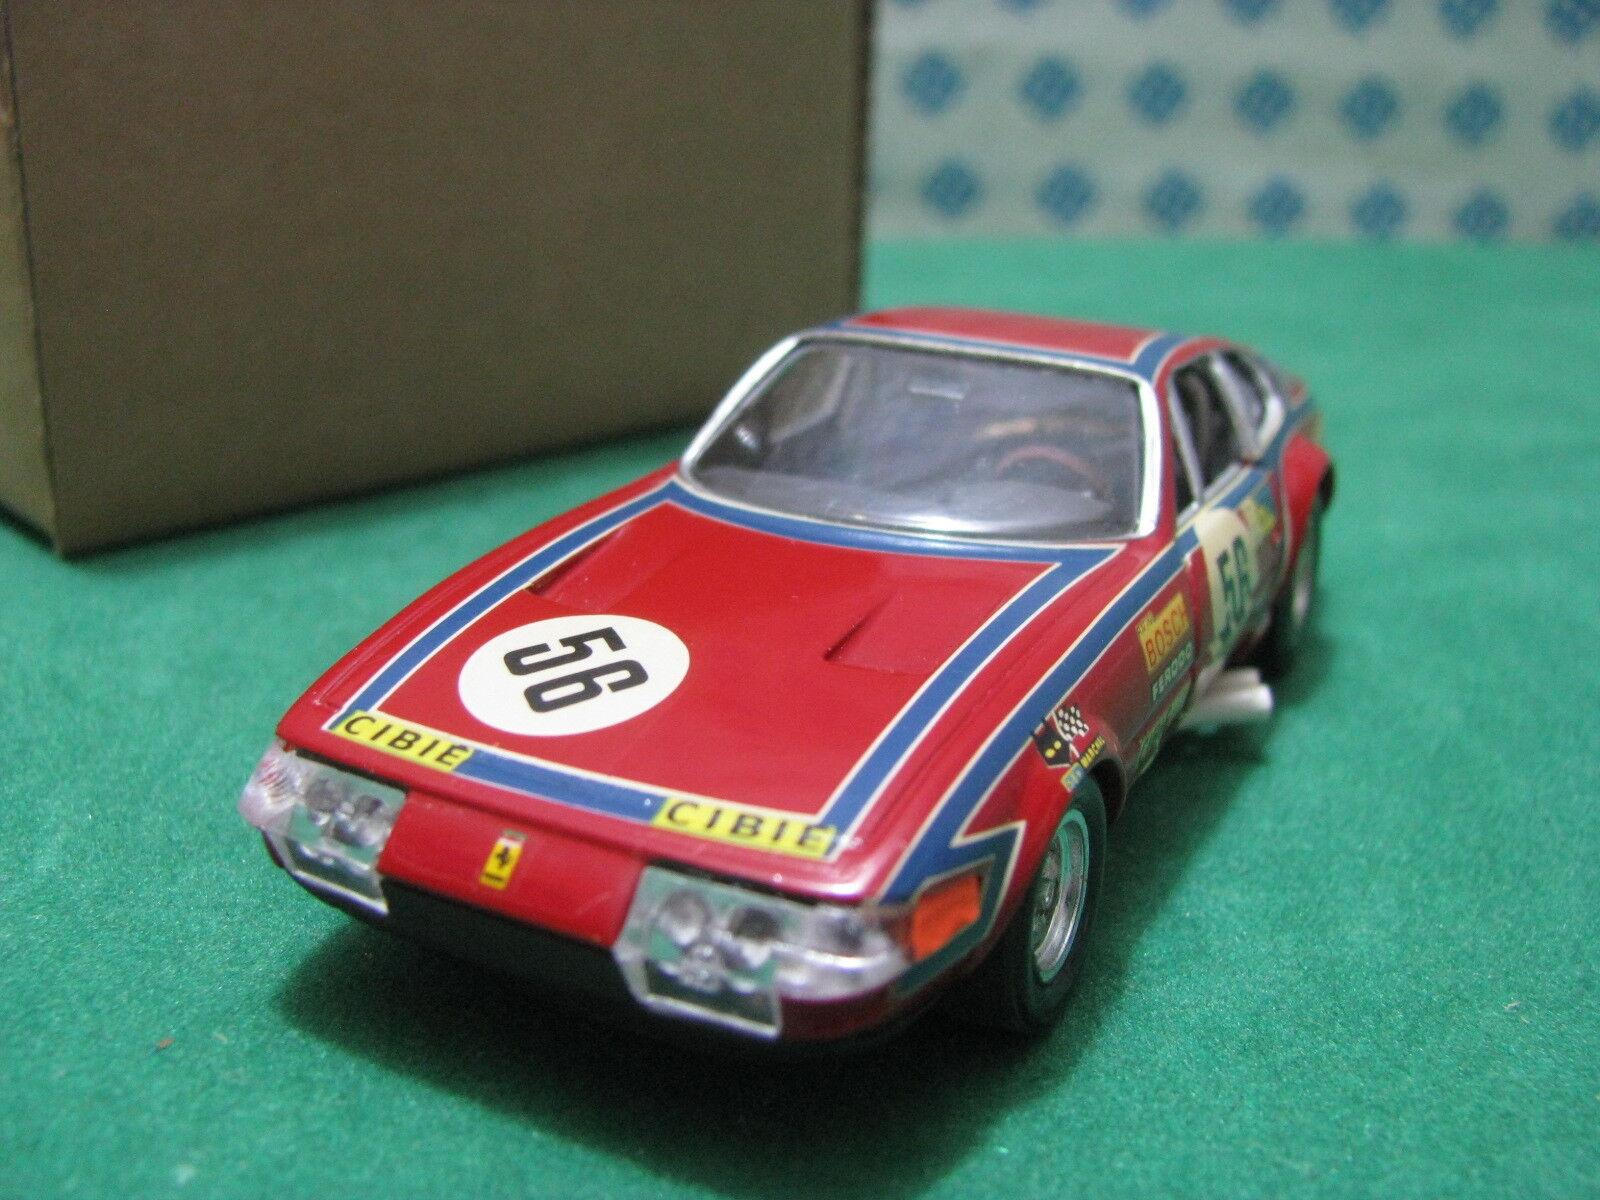 Vintage - Ferrari 365 Gtb4 24h le Mans 1973 - 1 43 Traitement Solido